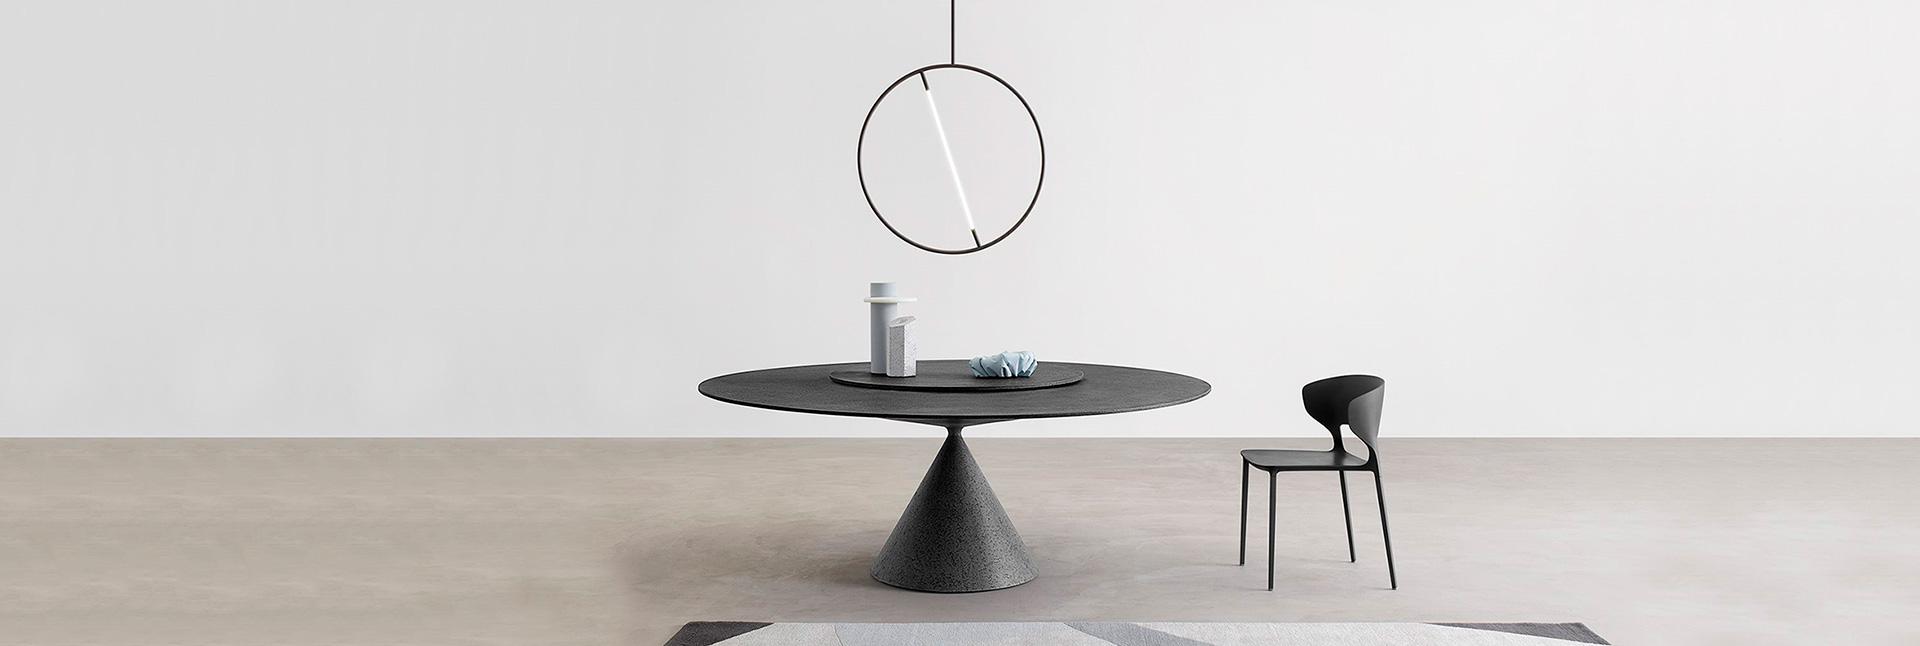 Мебель Desalto - столы и стулья